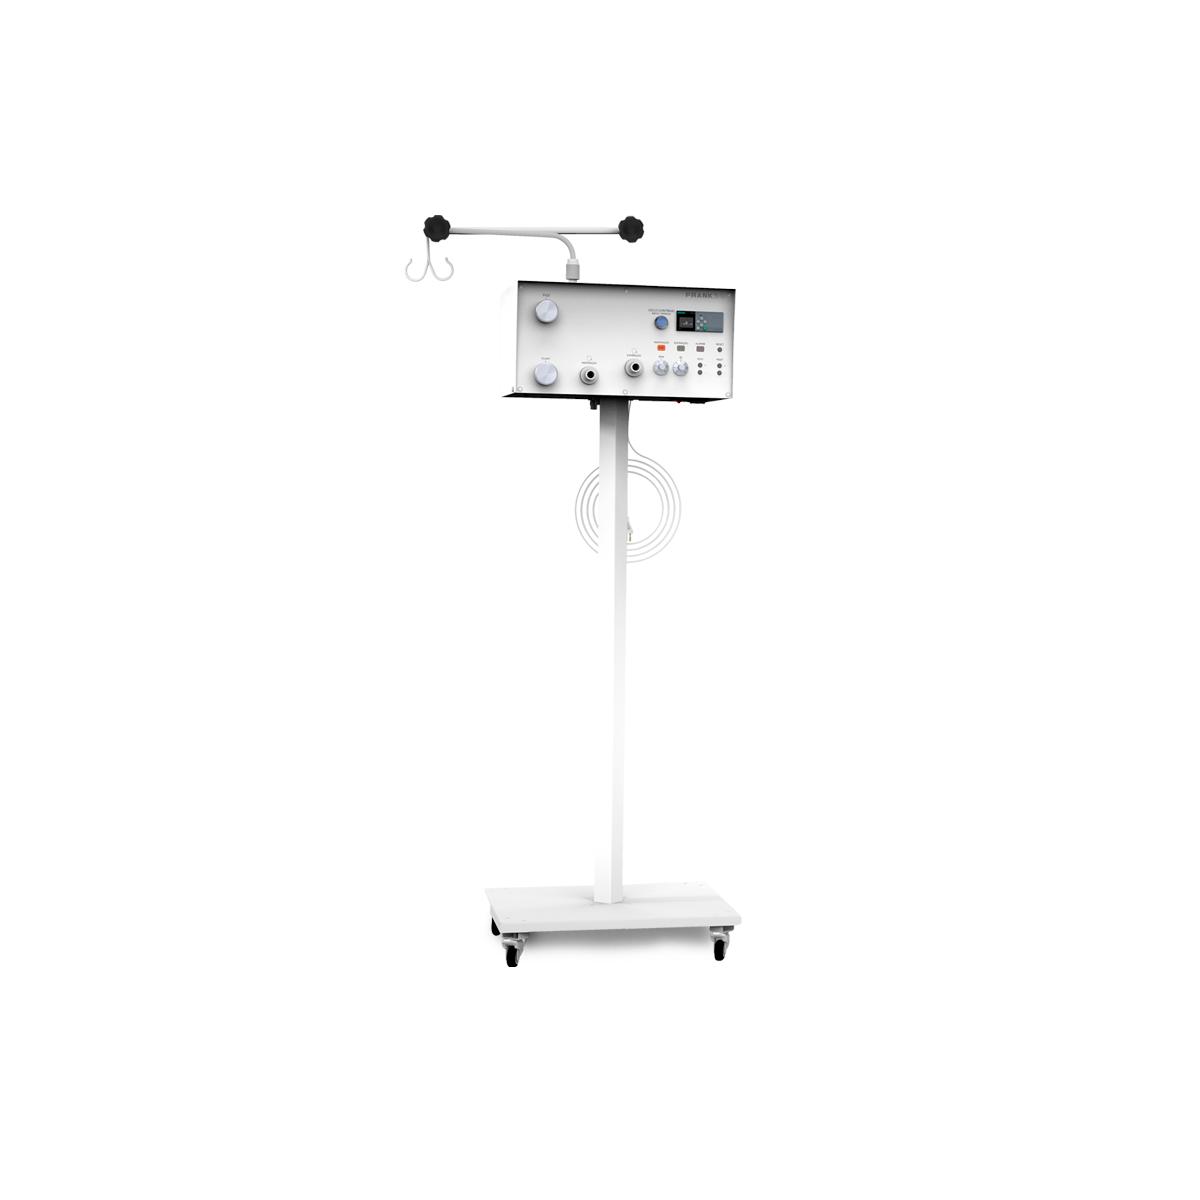 Ventilador FRANK-5010